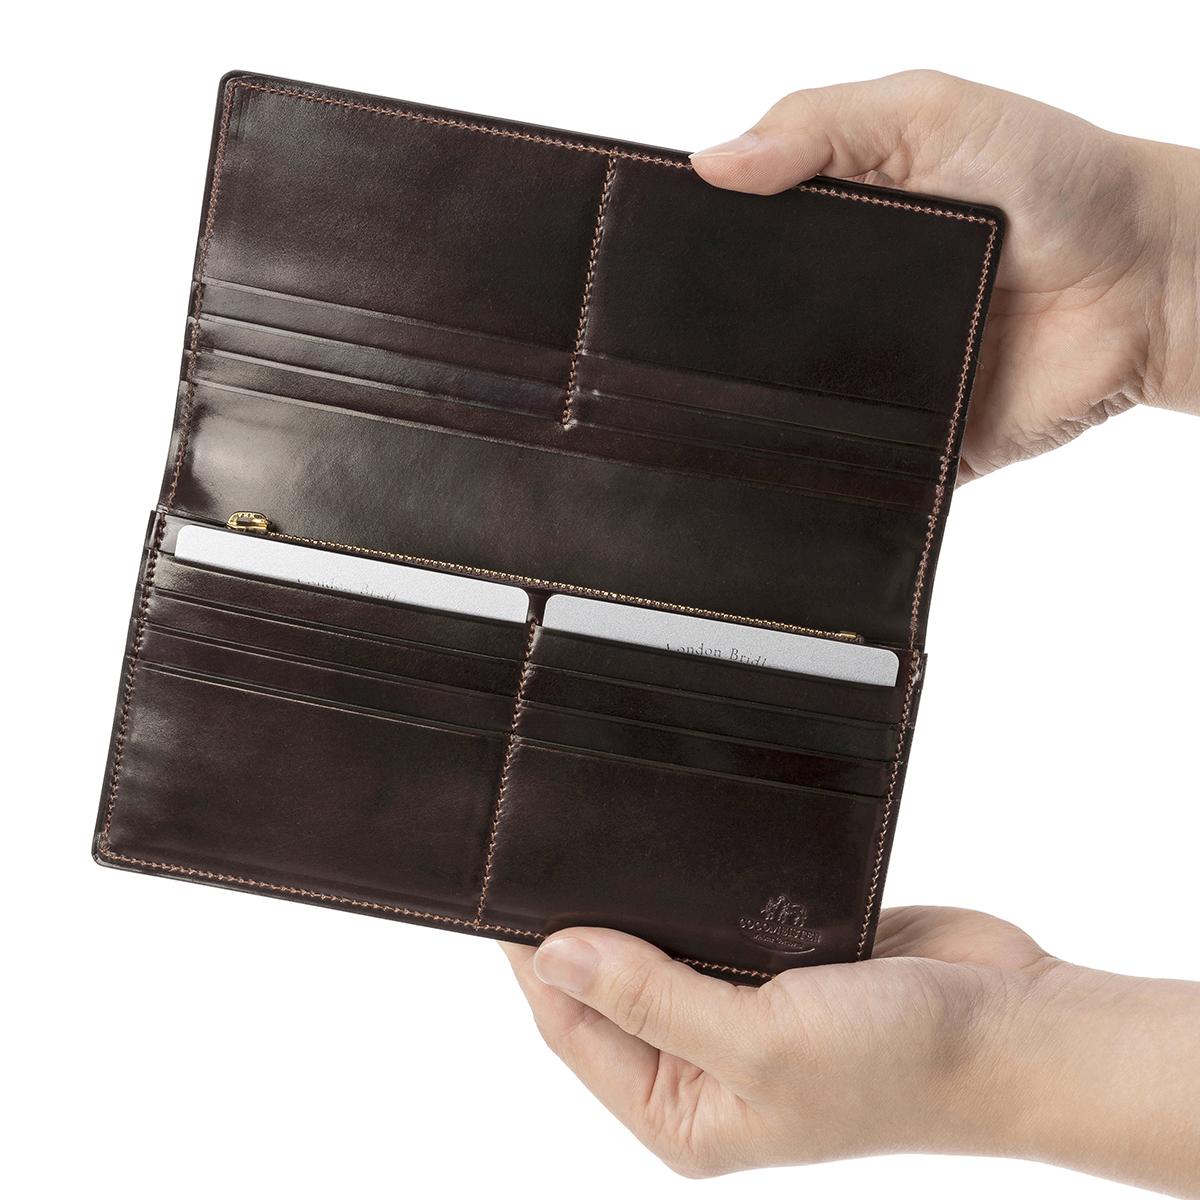 シェルコードバン スタンフォードのカードポケット